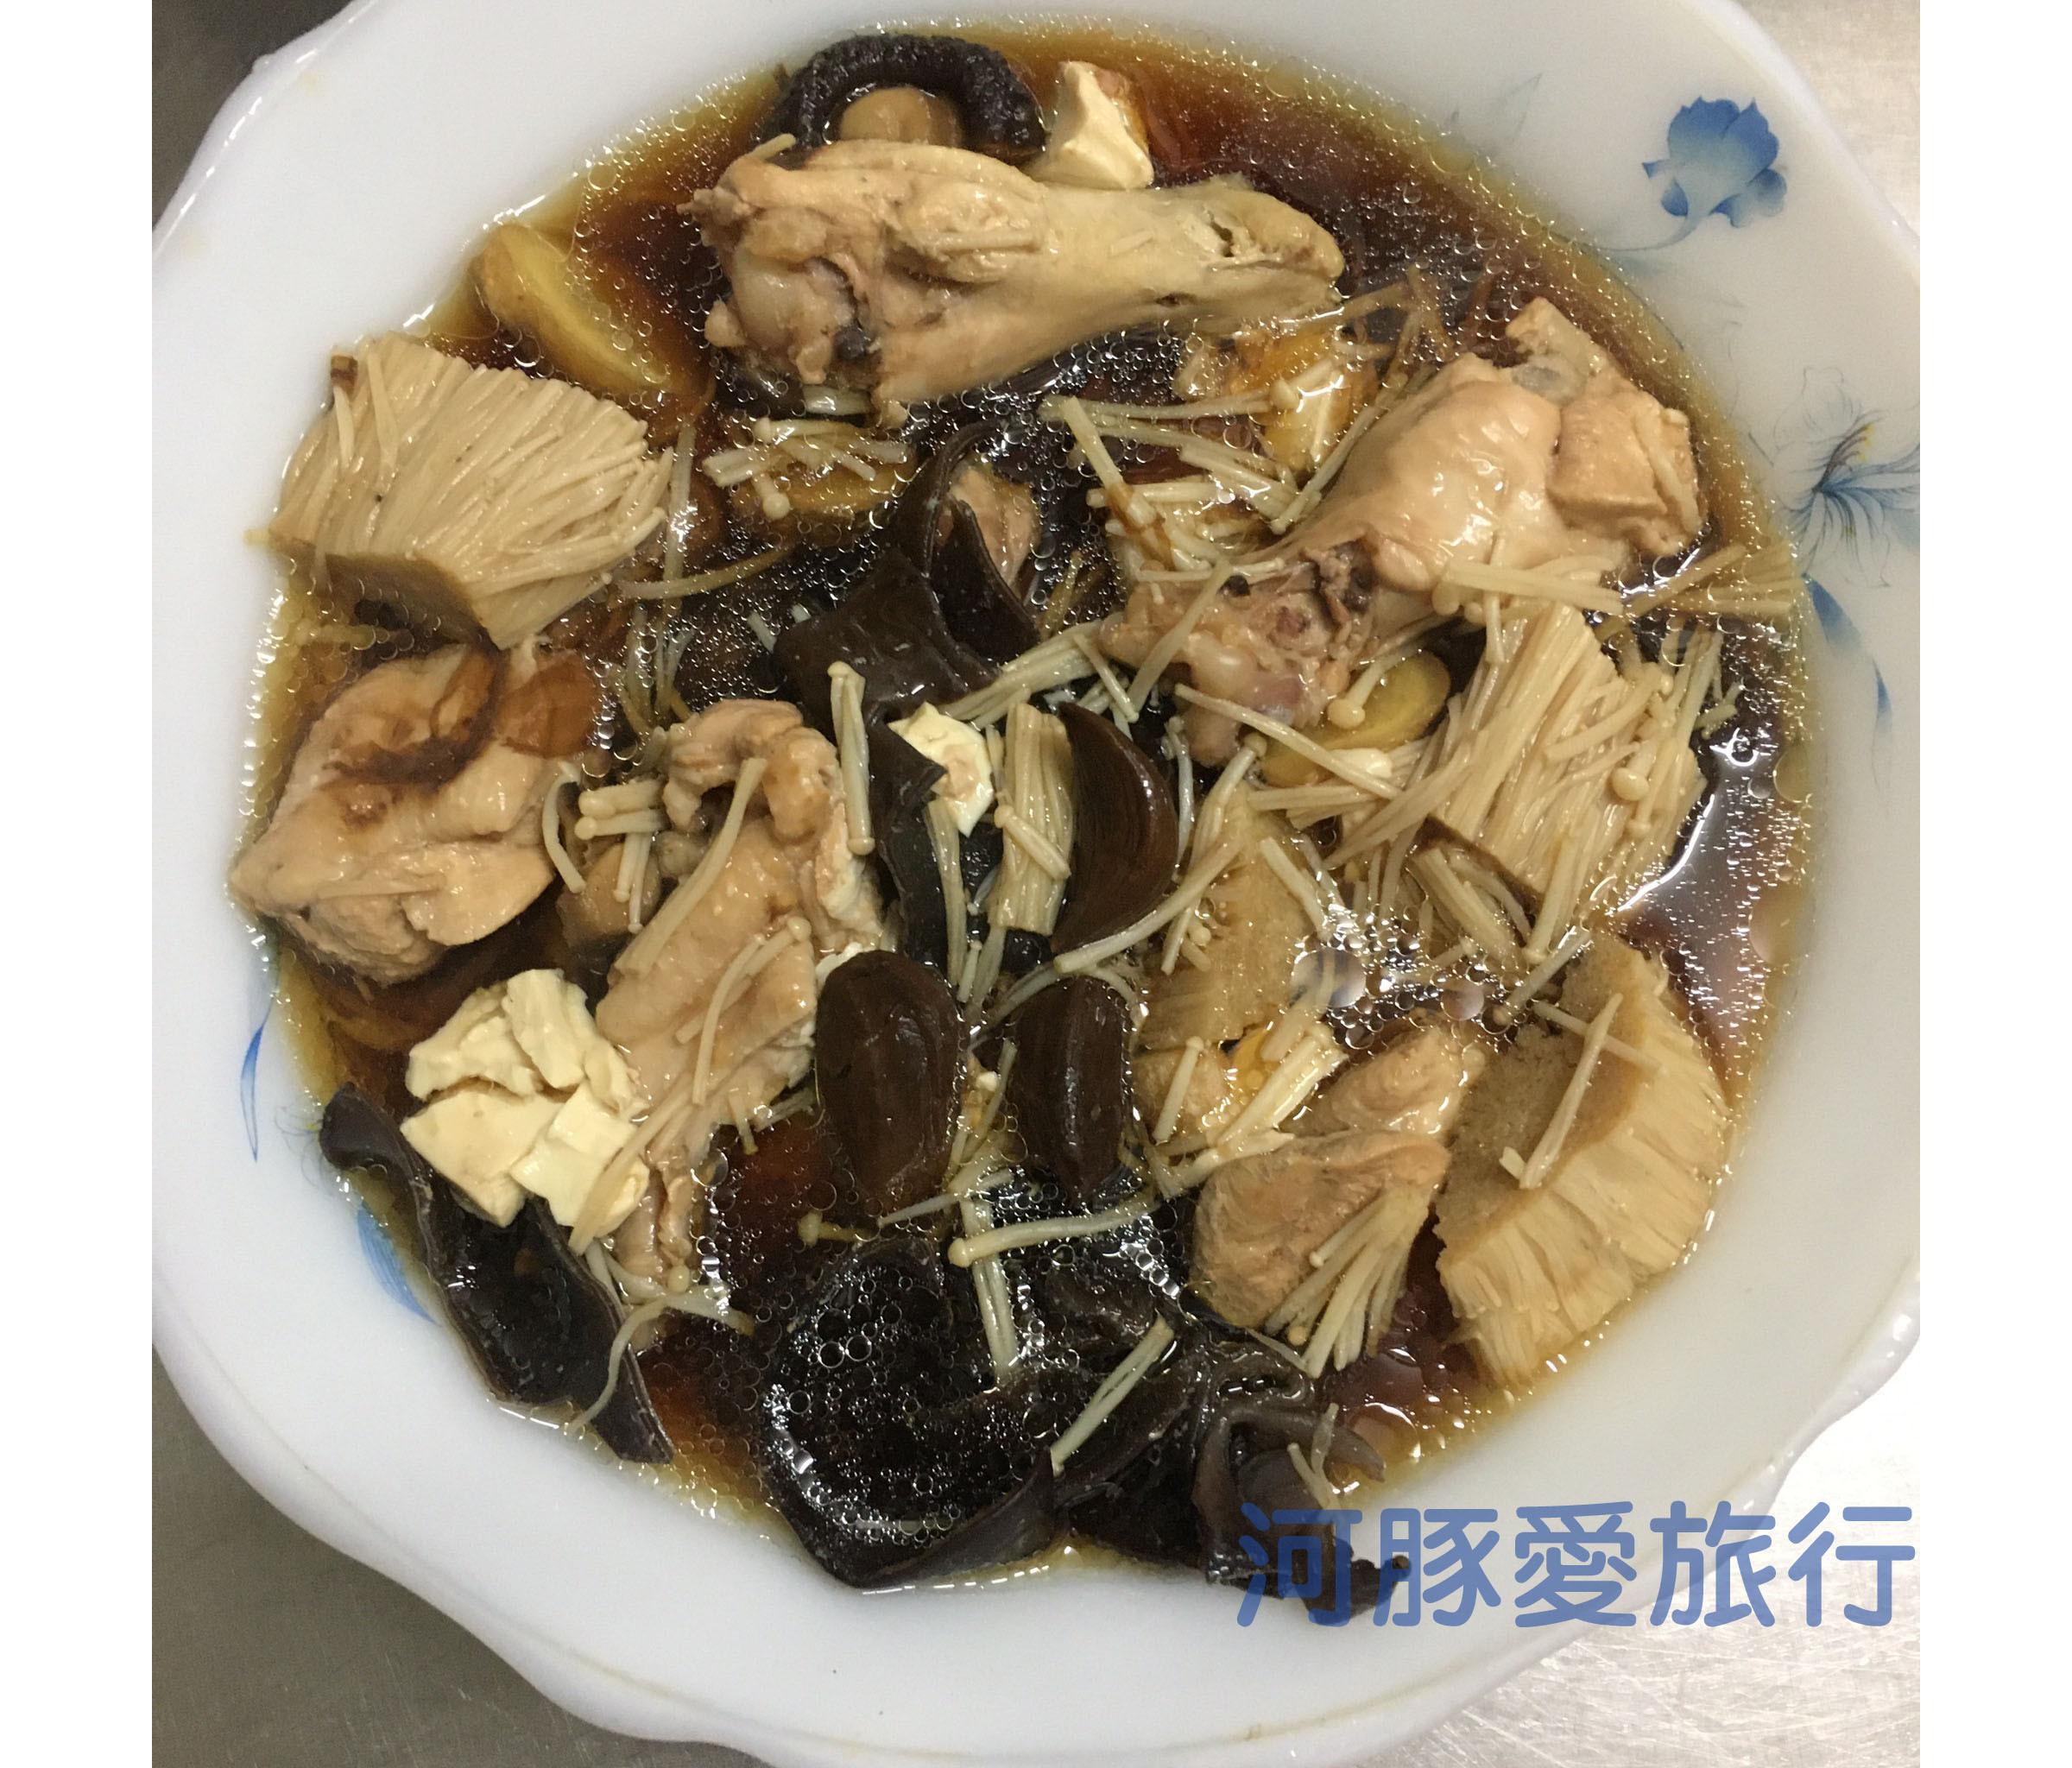 電鍋煮黑蒜頭雞湯